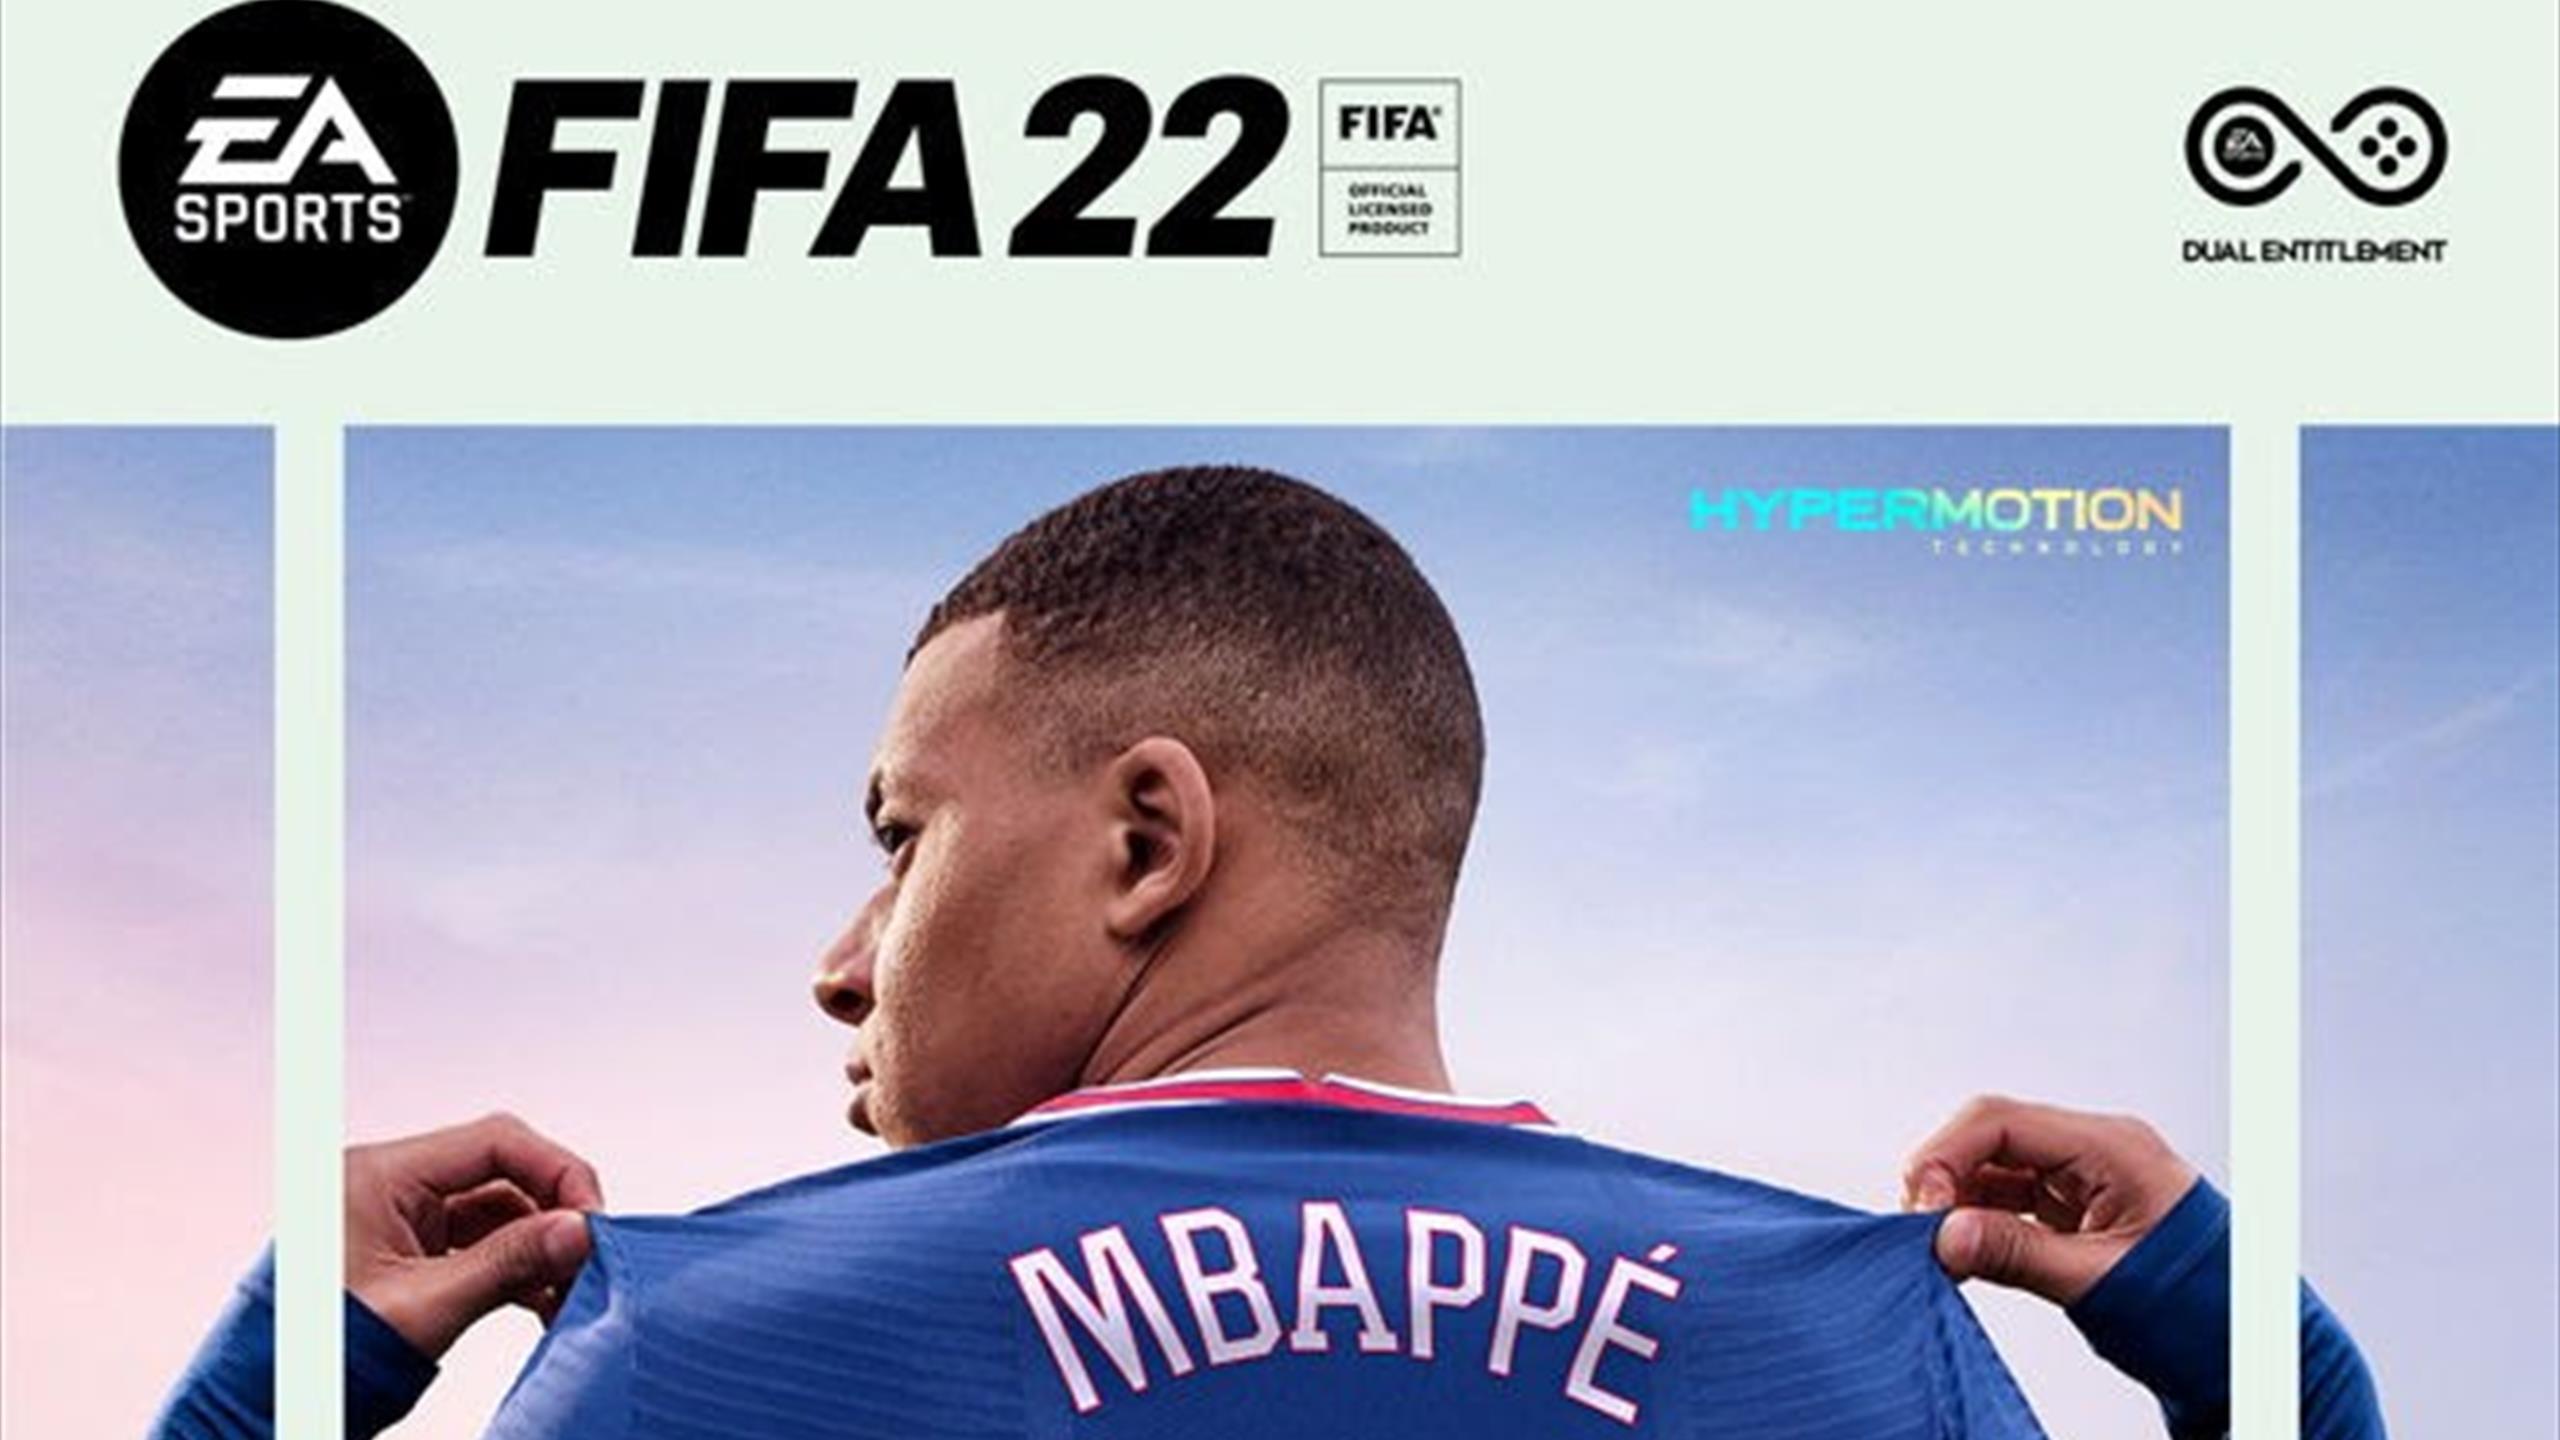 Российской премьер-лиги не будет в FIFA 22